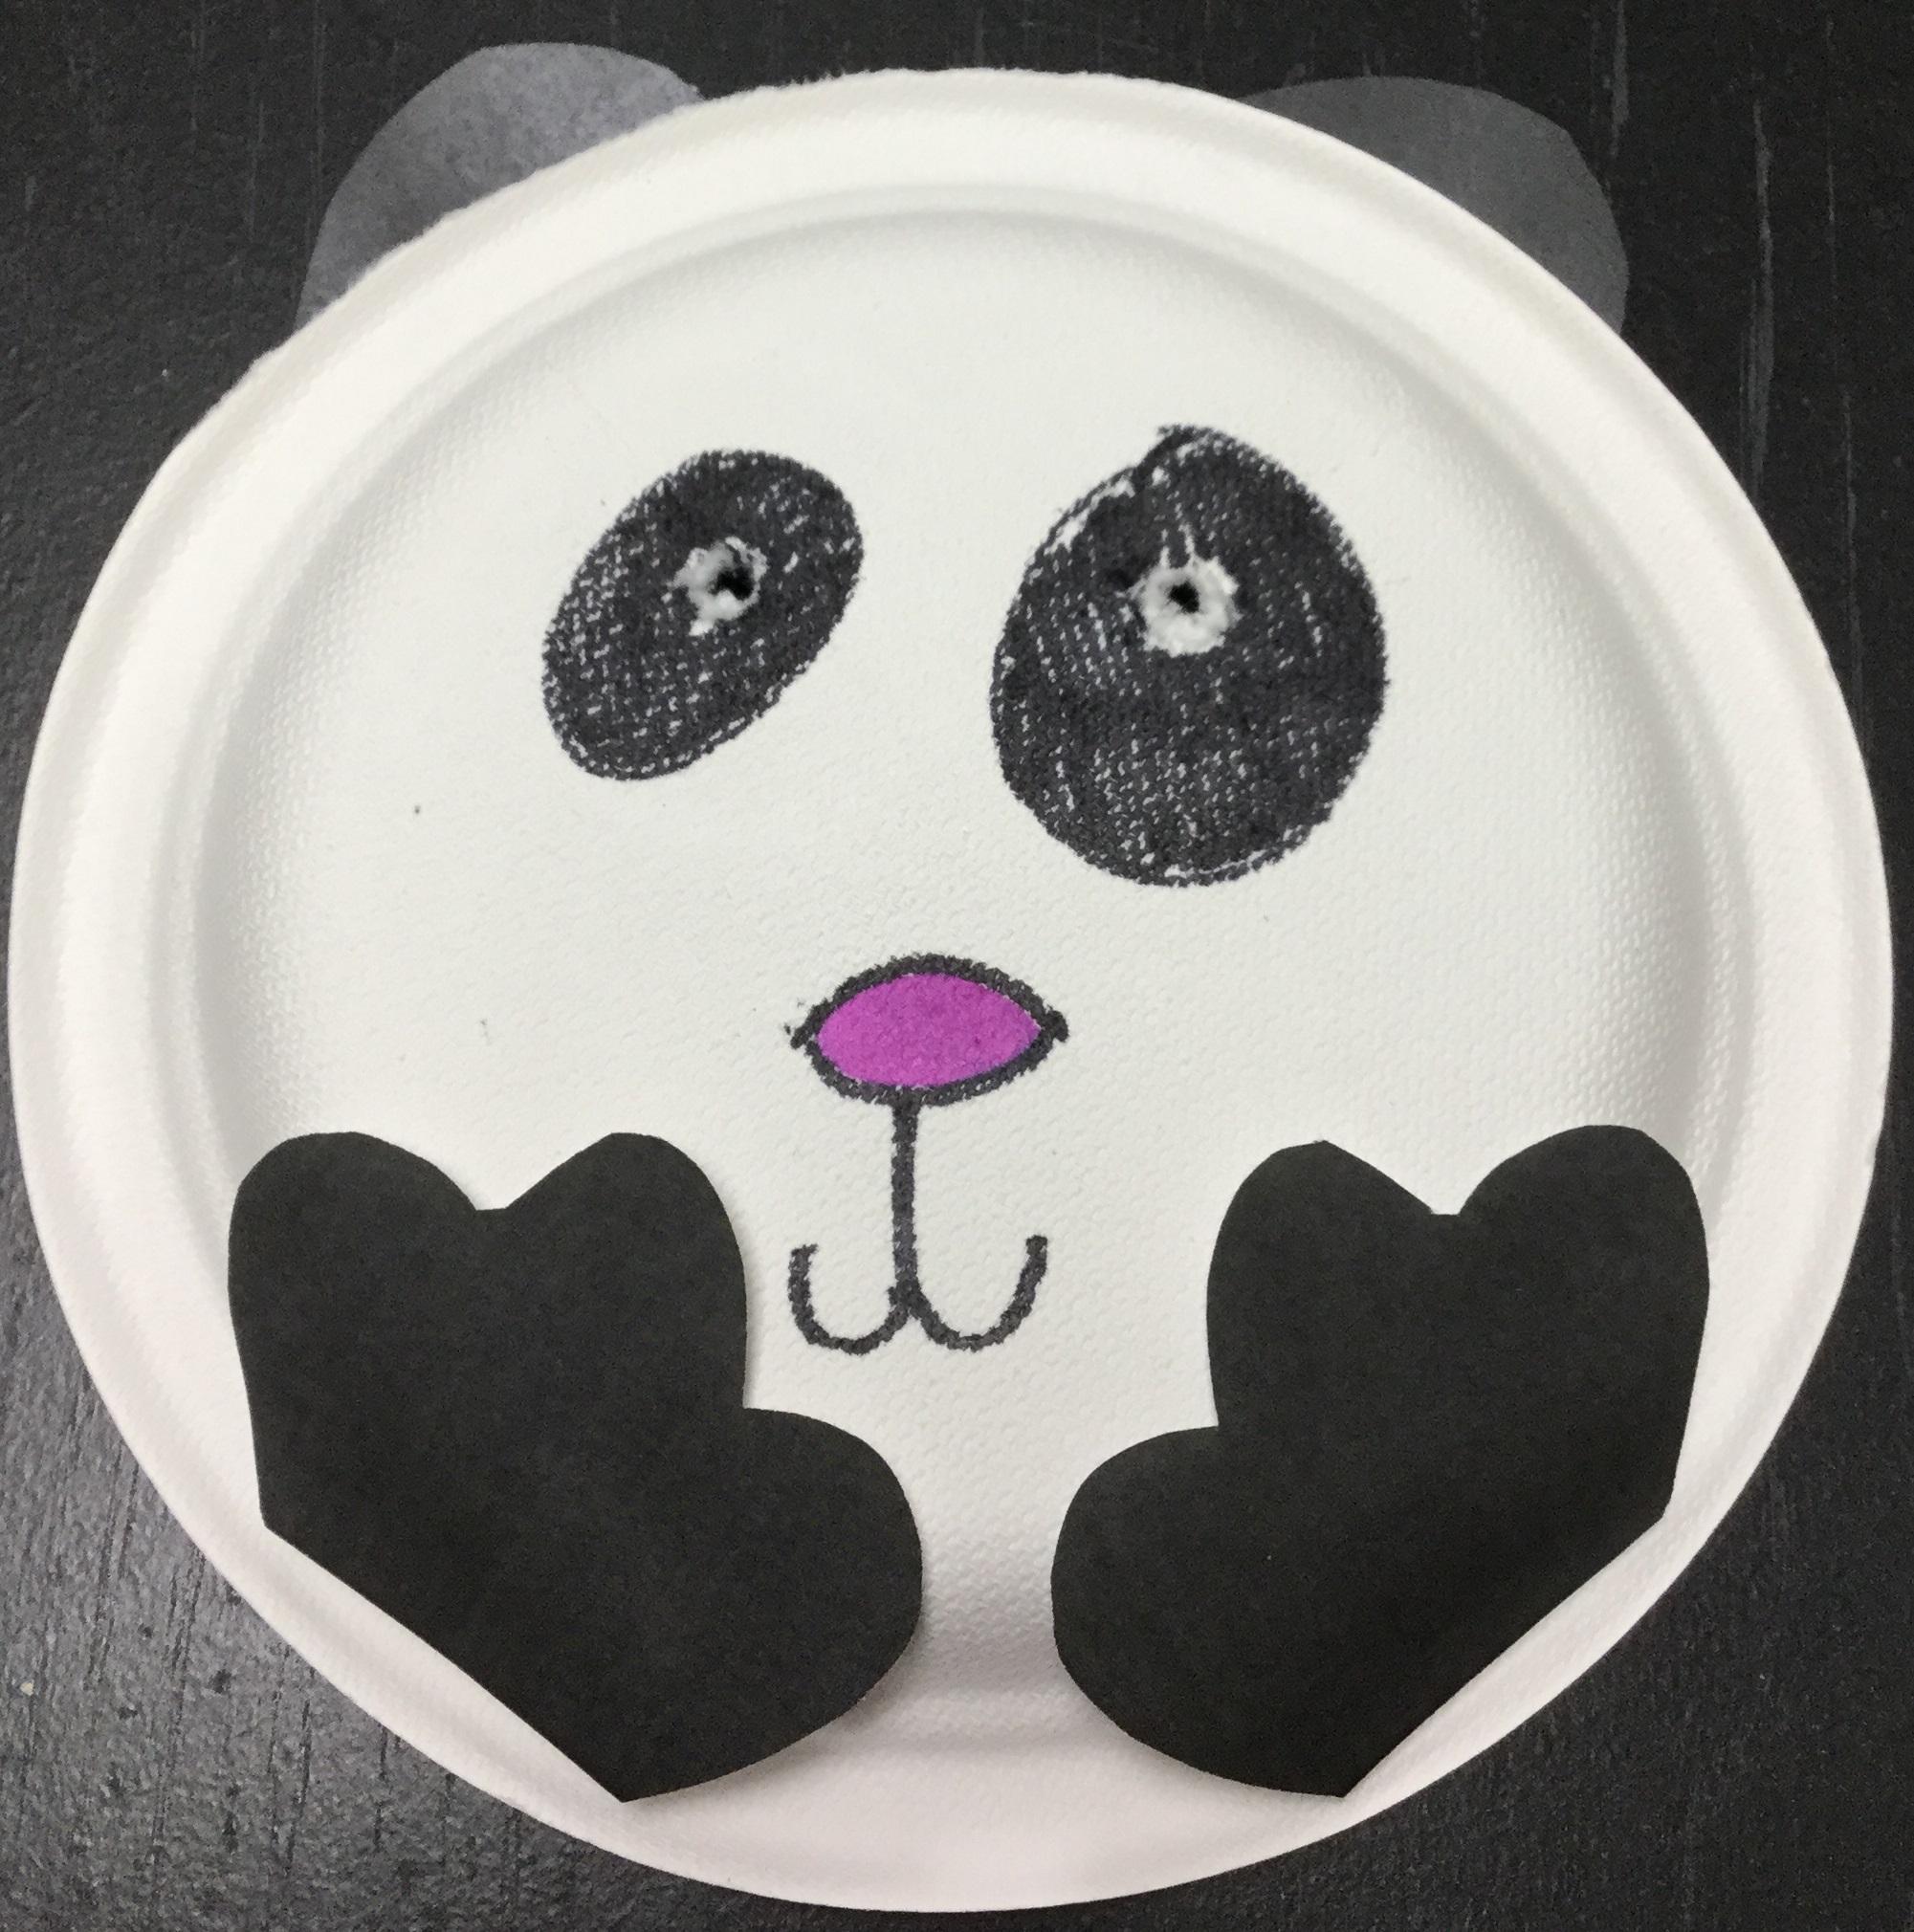 panda-plate-face.jpg